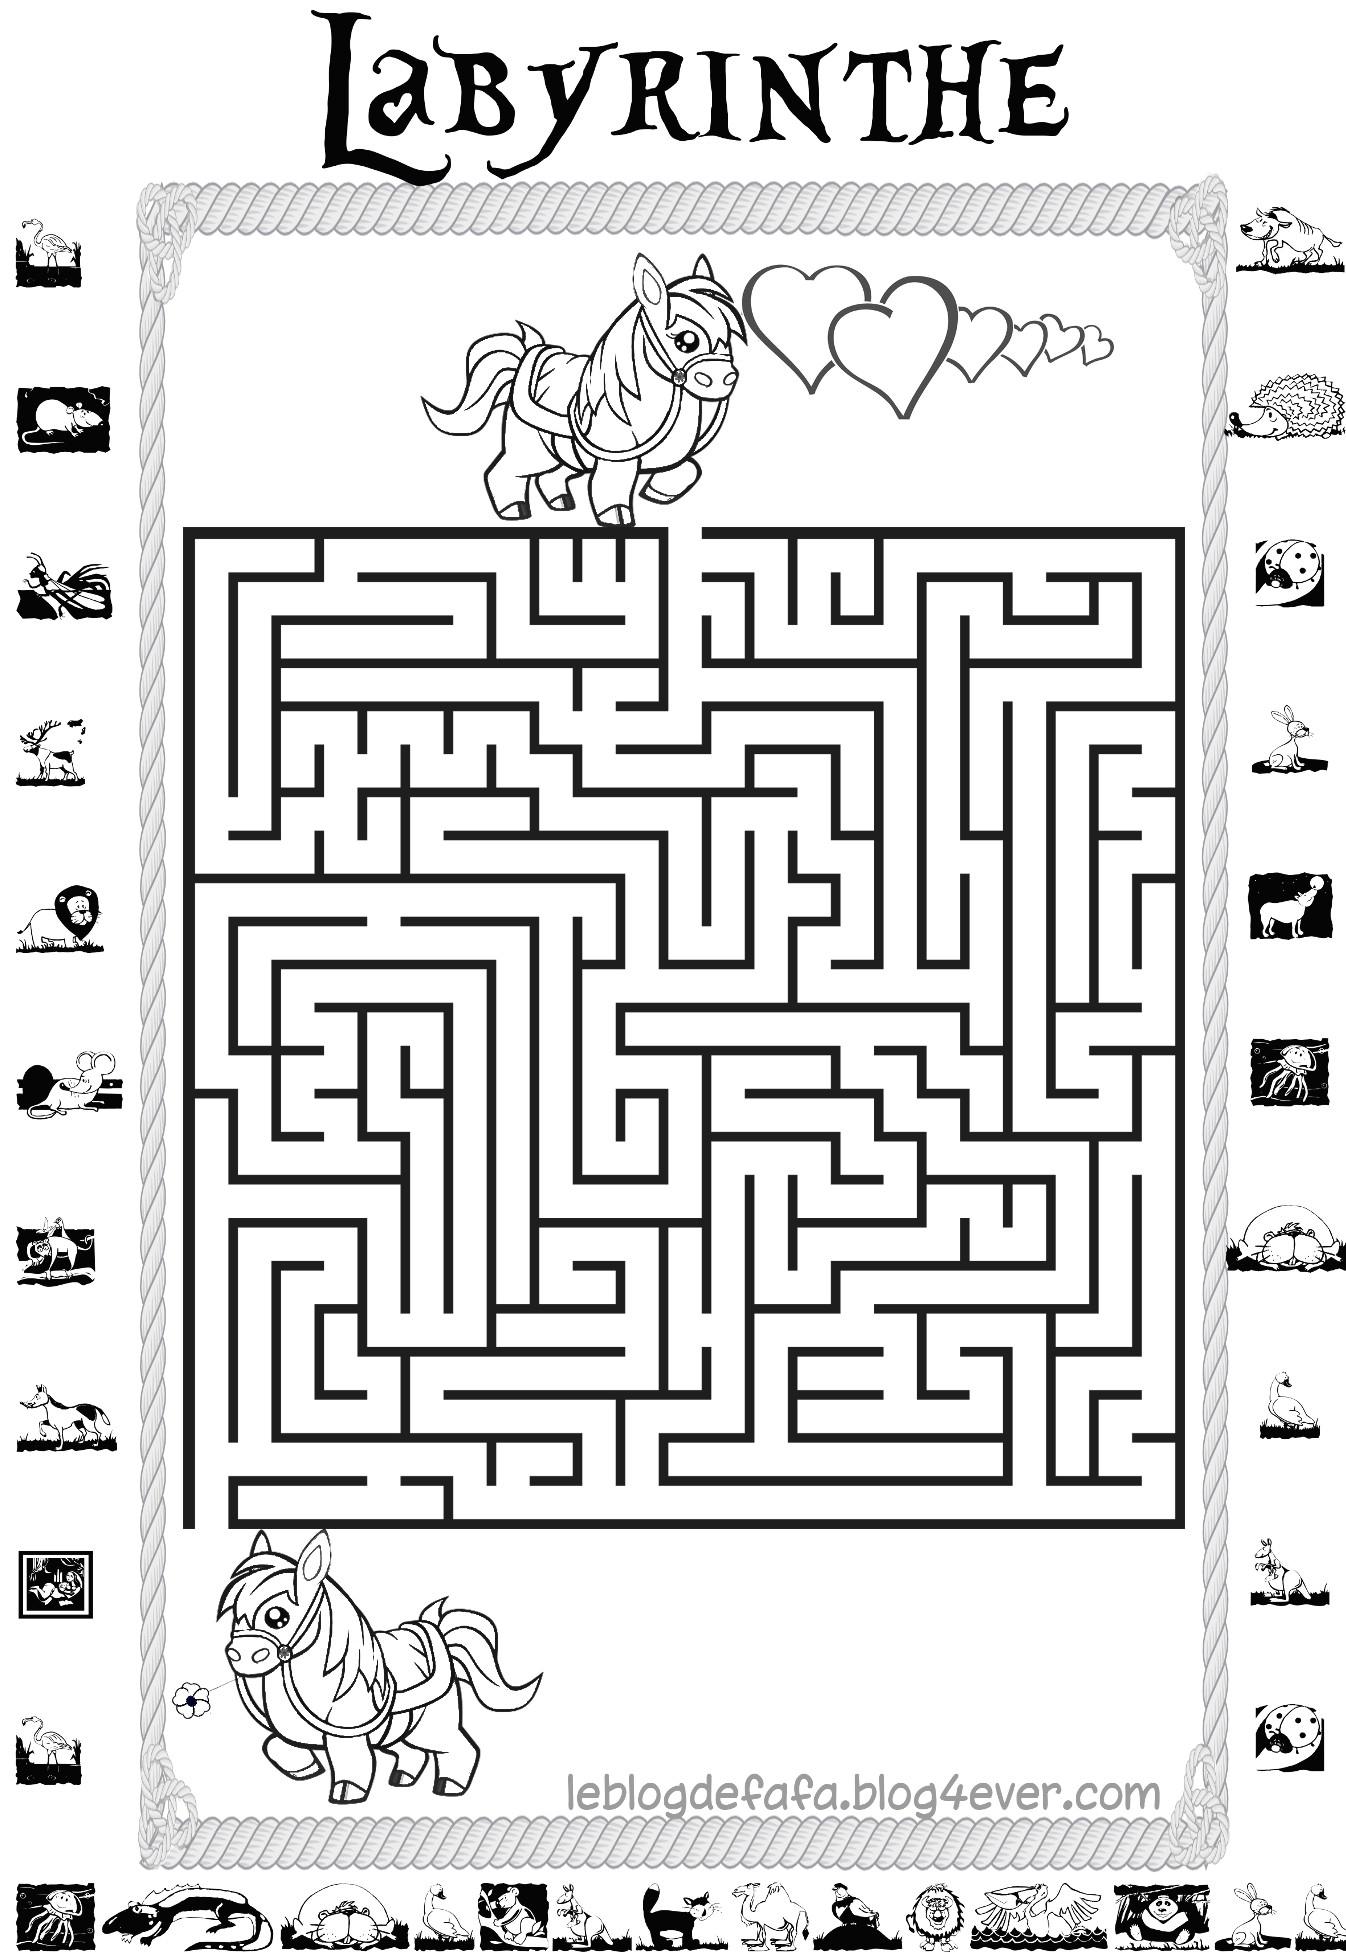 Jeux Chevaux Gratuits À Imprimer : Labyrinthes, Apprendre destiné Labyrinthe Difficile